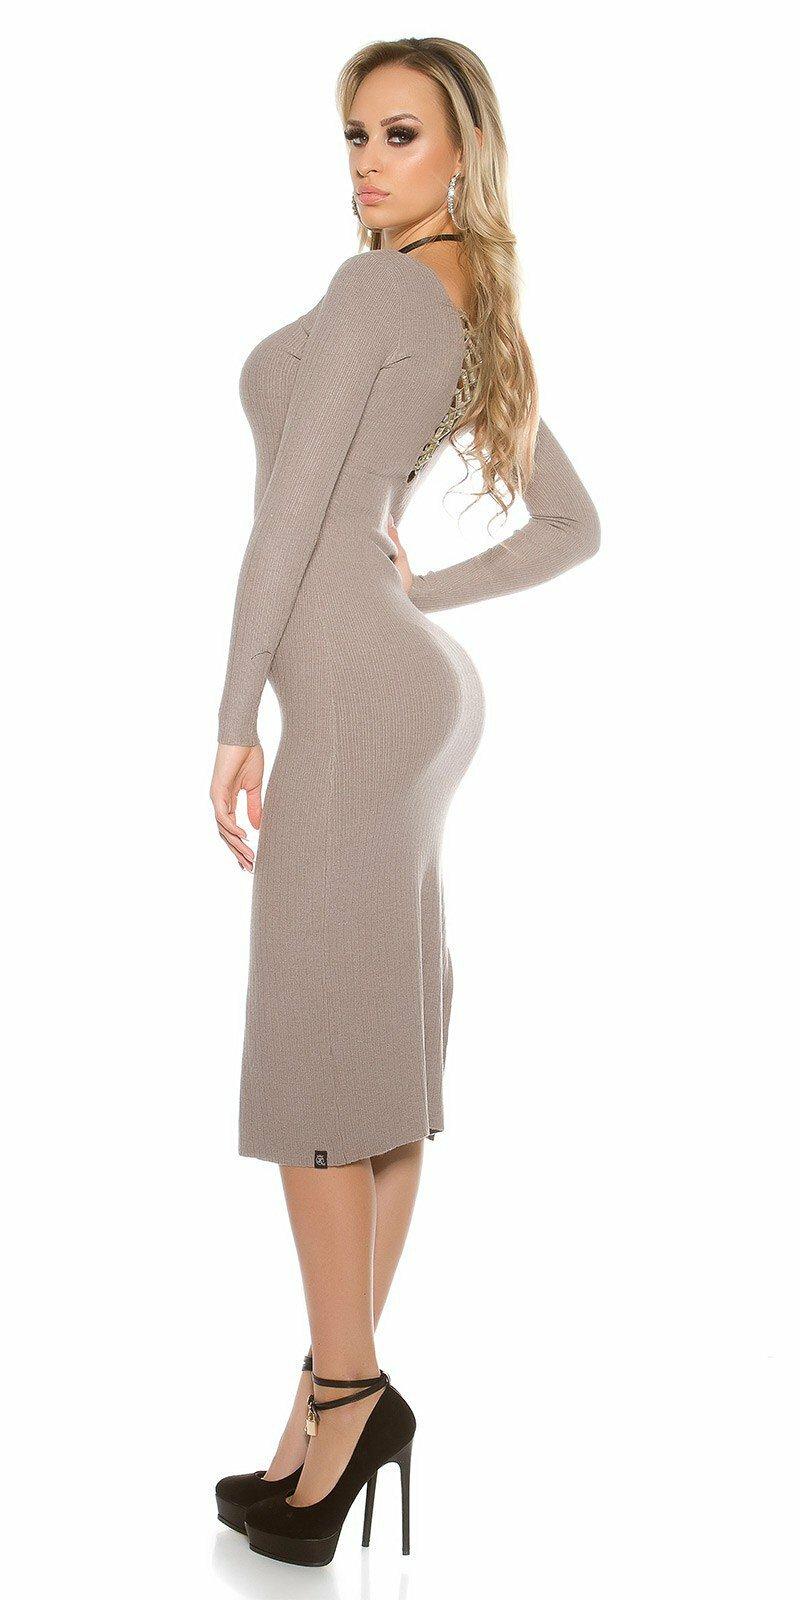 Dámske maxi pletené šaty  Veľkosť Univerzálna (XS S M) Farba Béžová 88ca89ca843